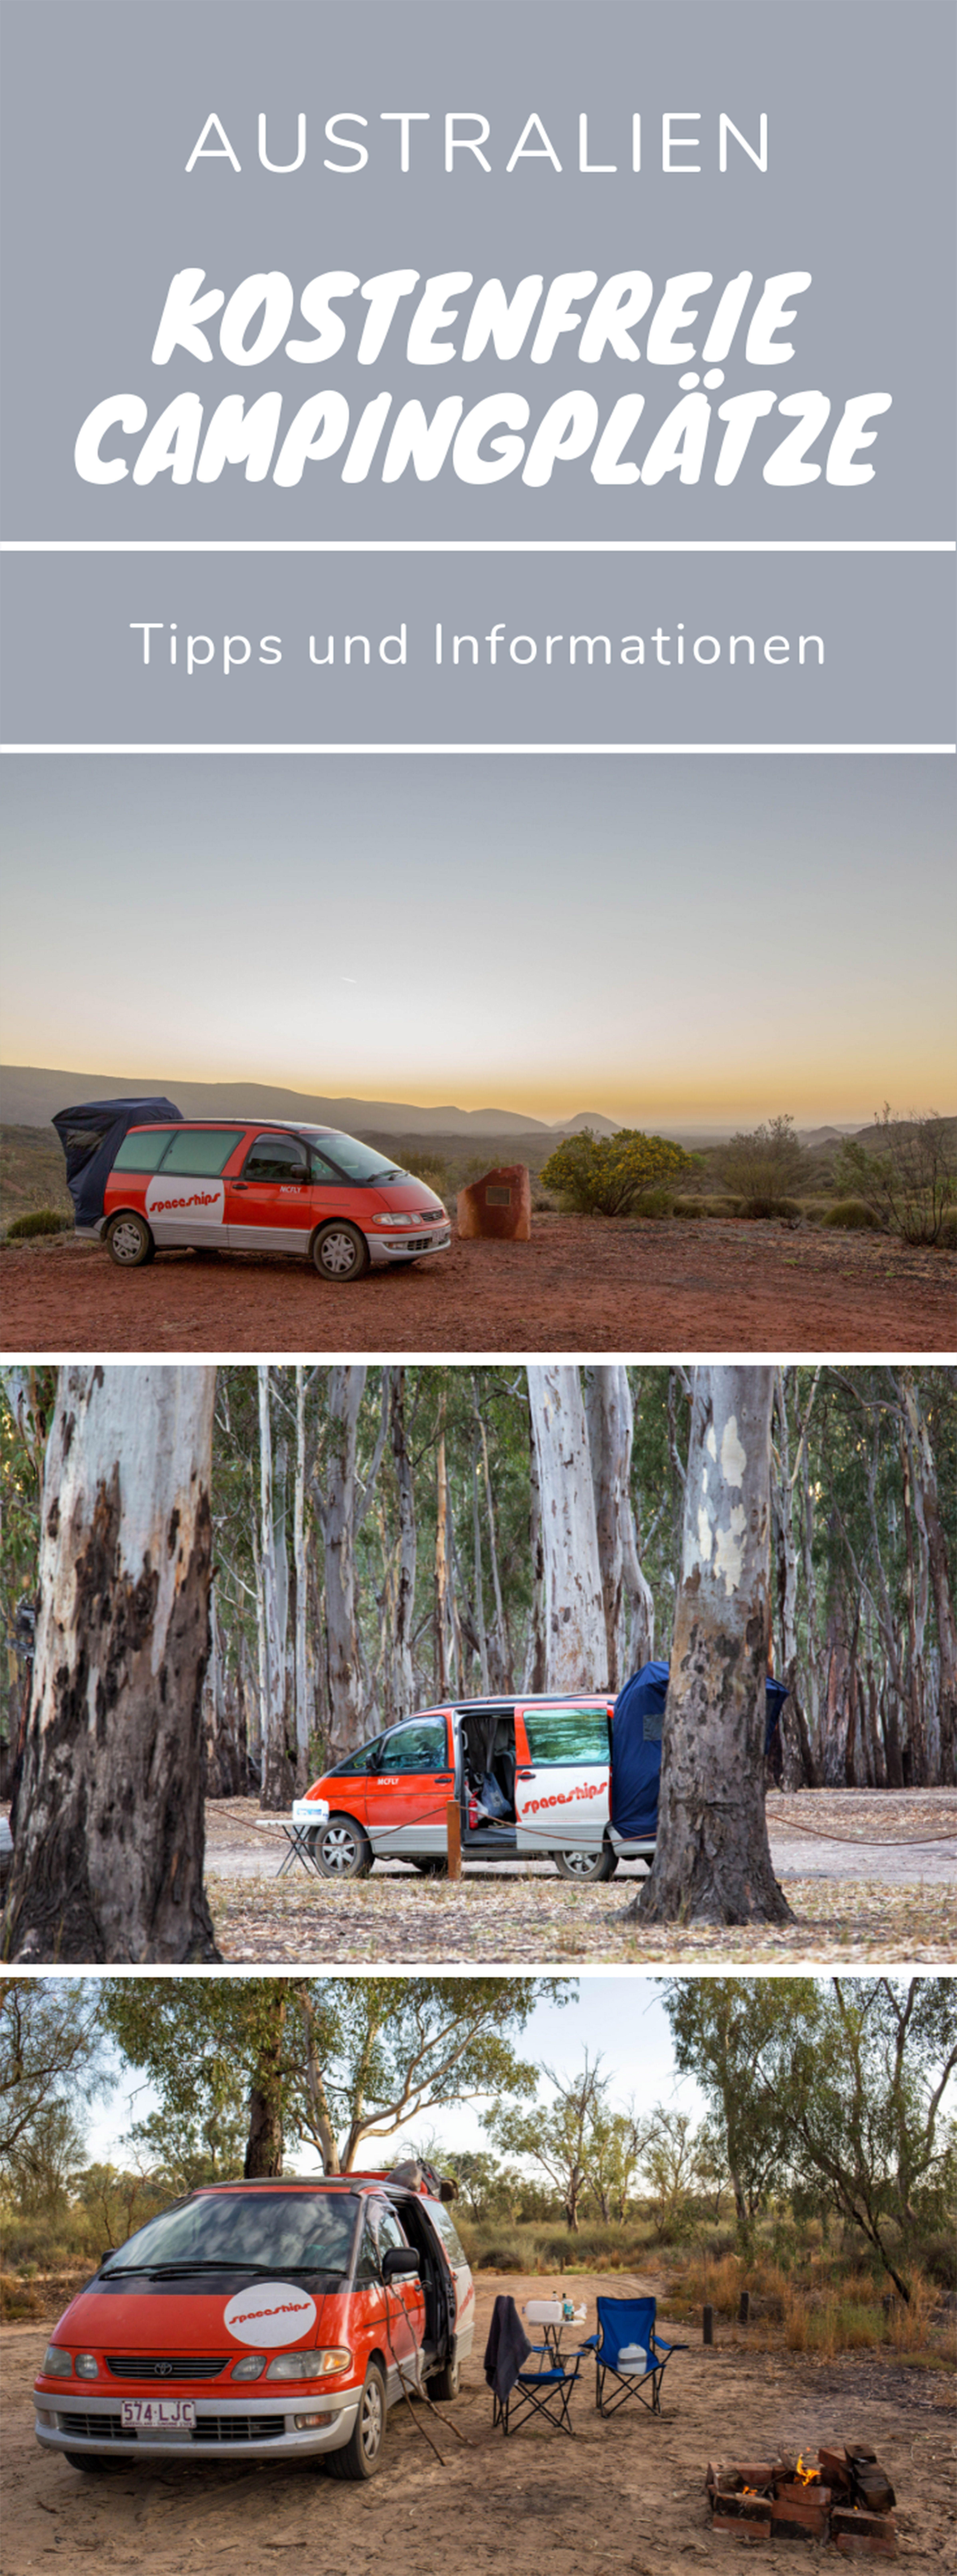 Die schönsten kostenfreien Campingplätze in Australien entdecken